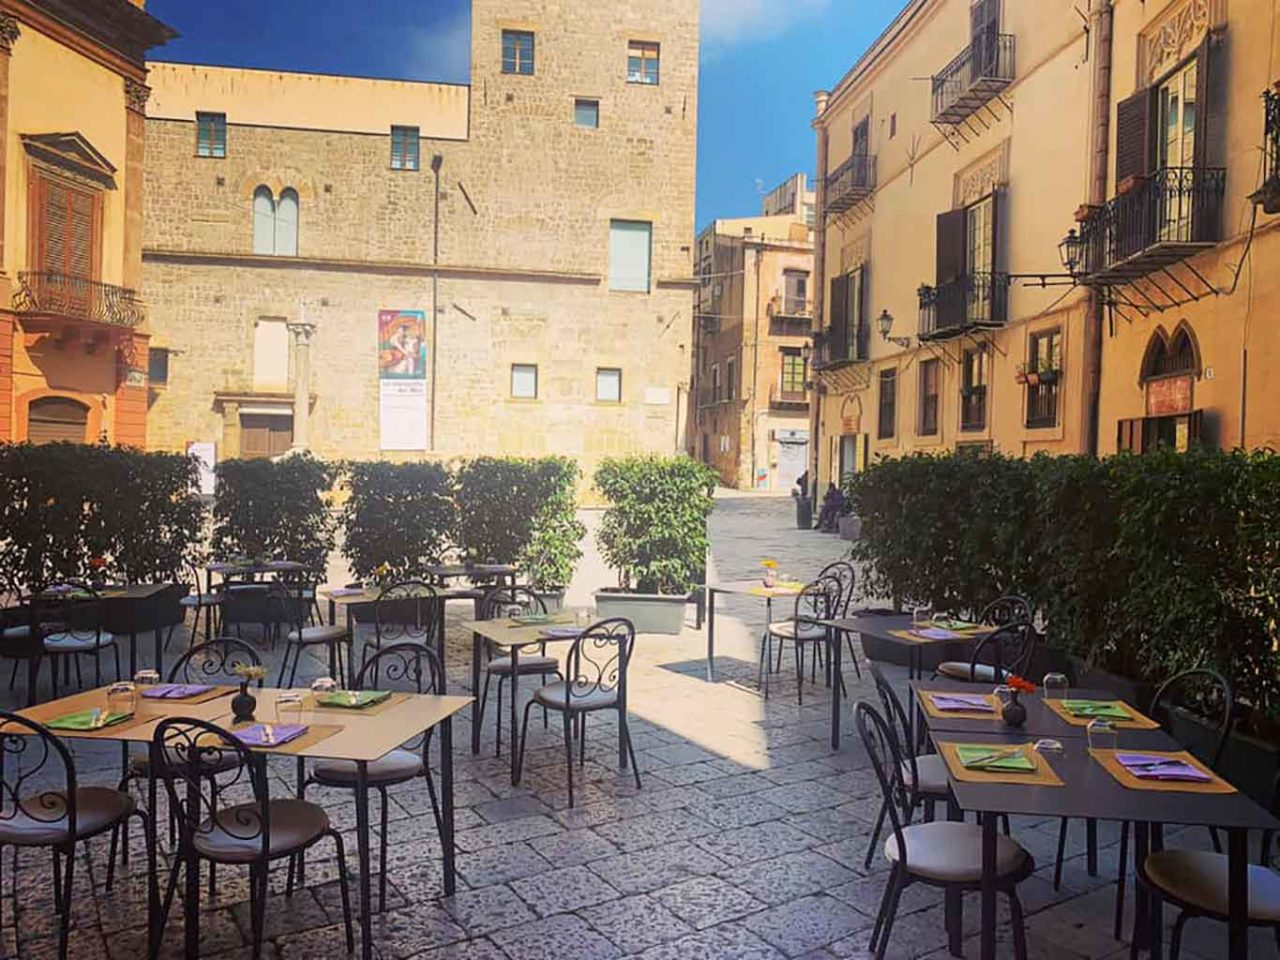 Ristoranti all'aperto a Palermo: Osteria dei Vespri